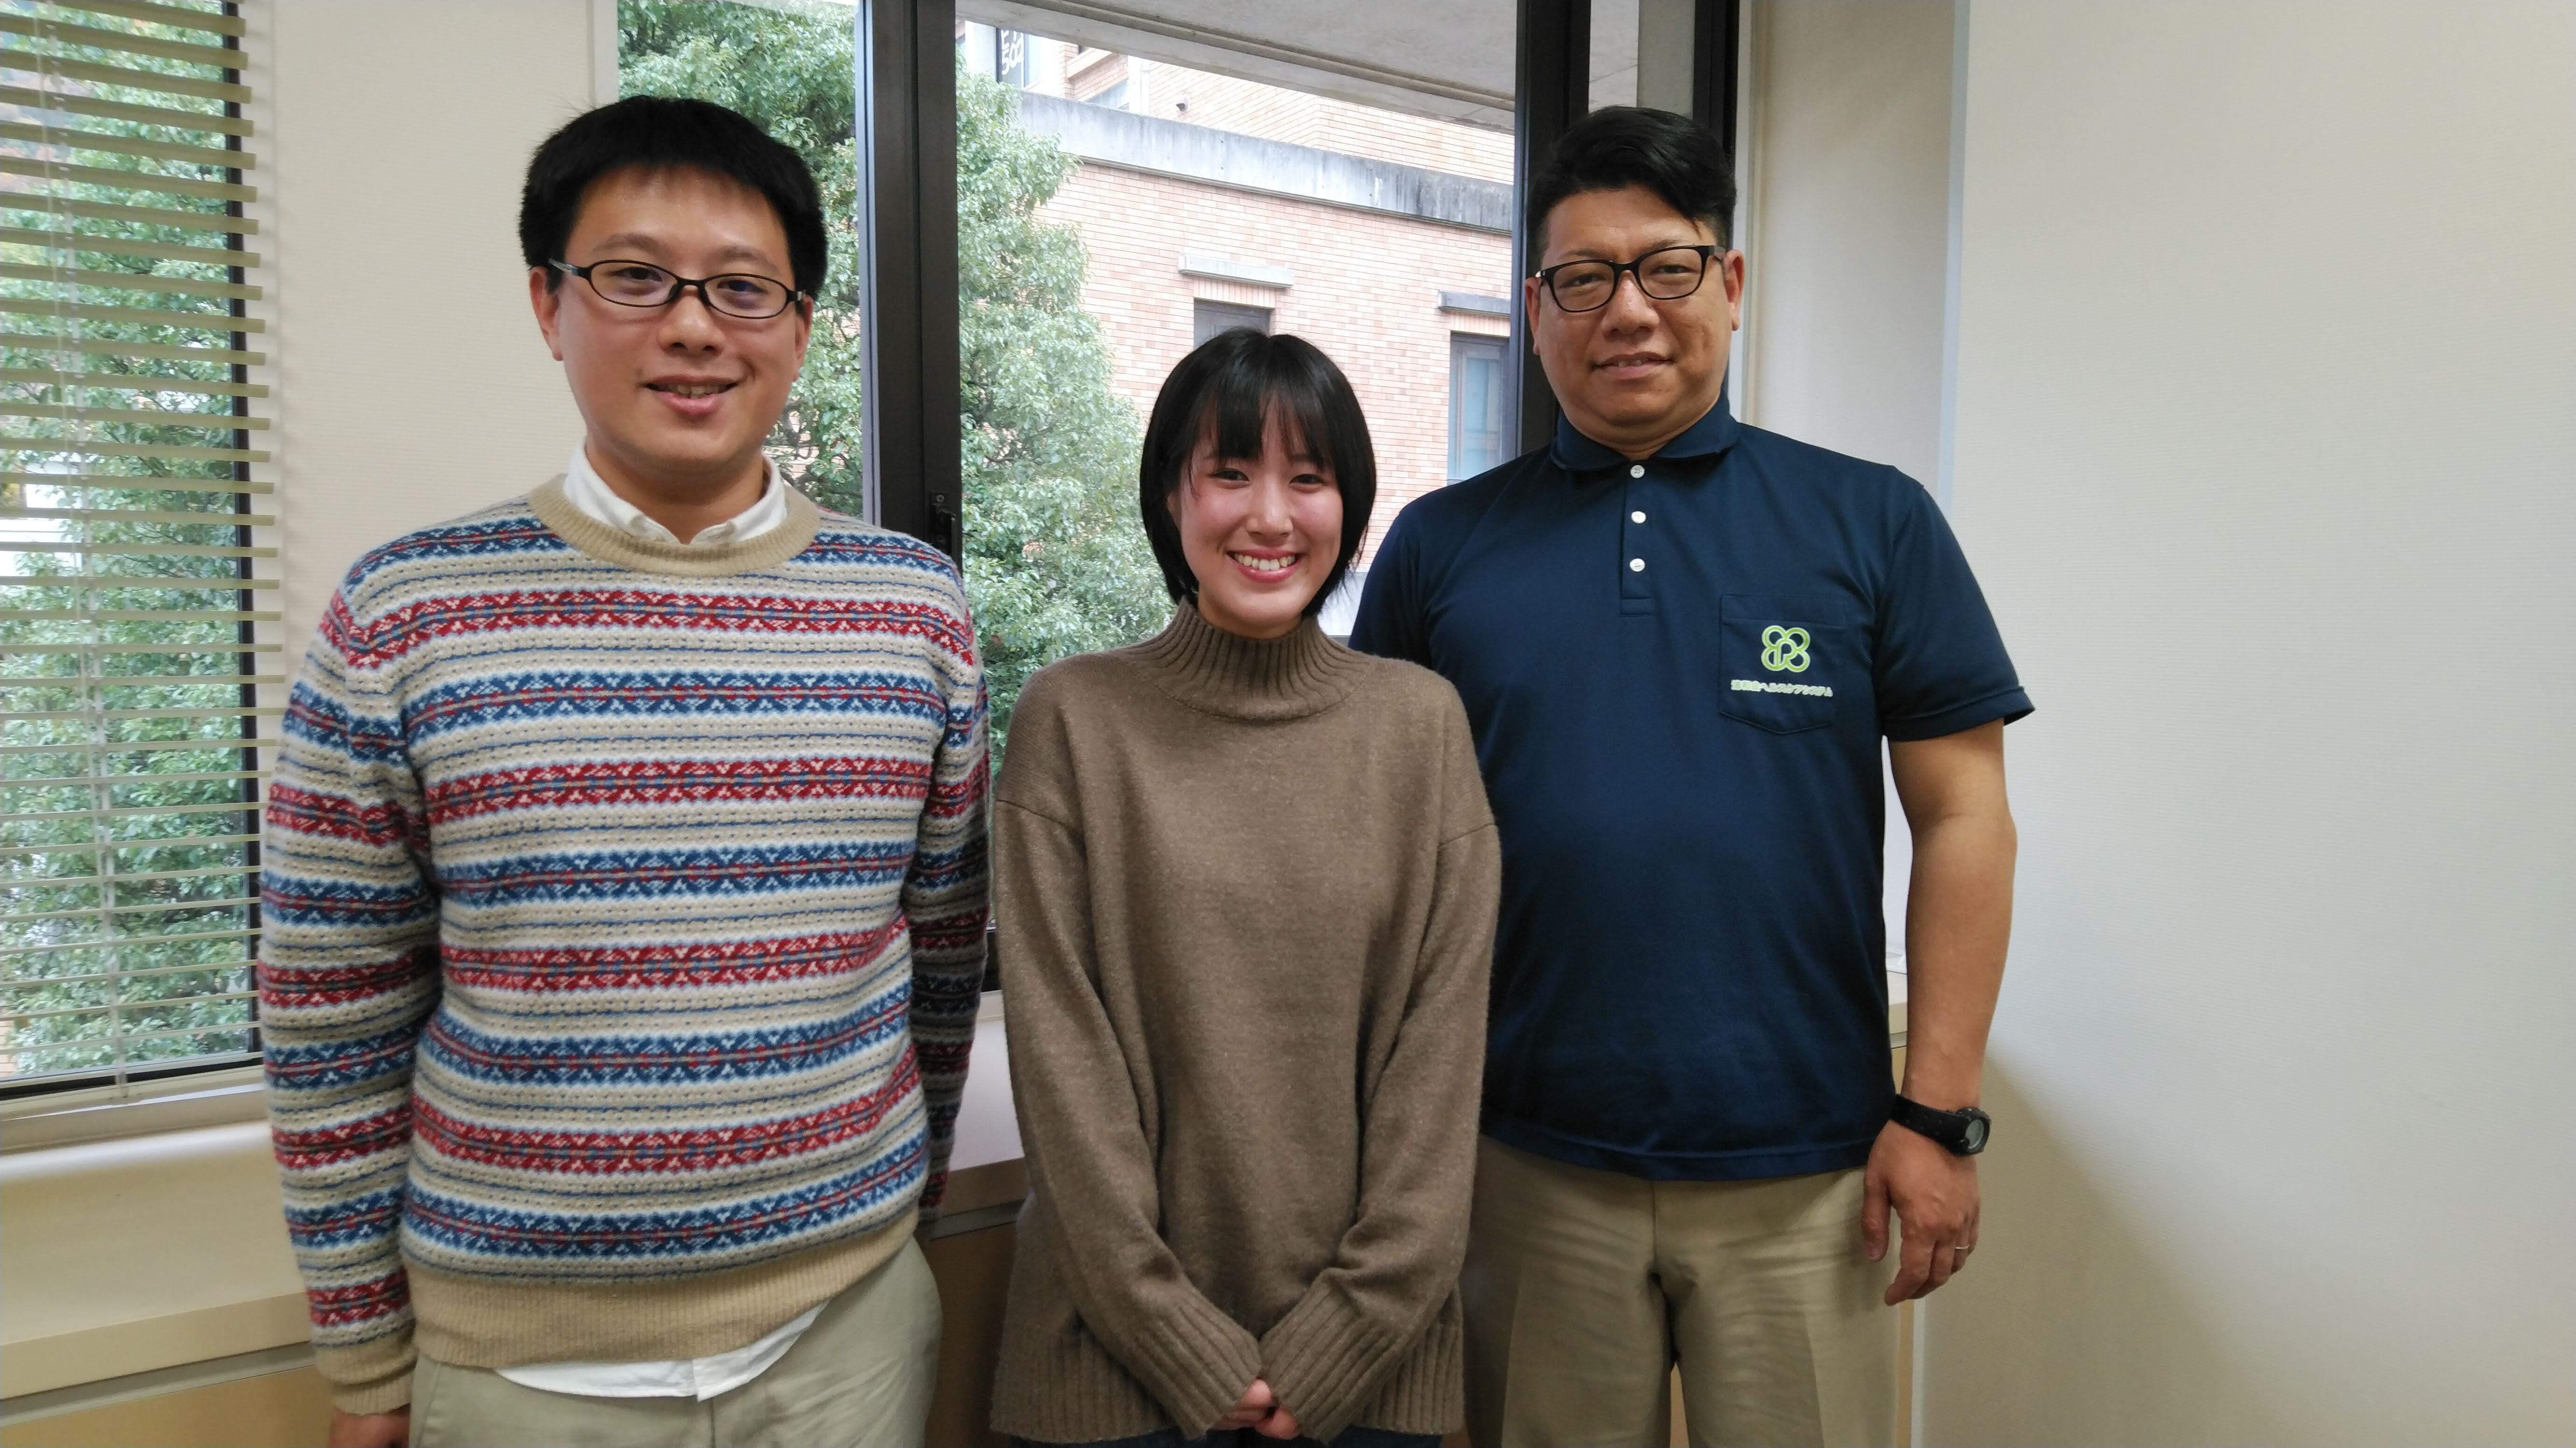 京都橘大学発!学生とまちが生み出す新たな観光ツアー